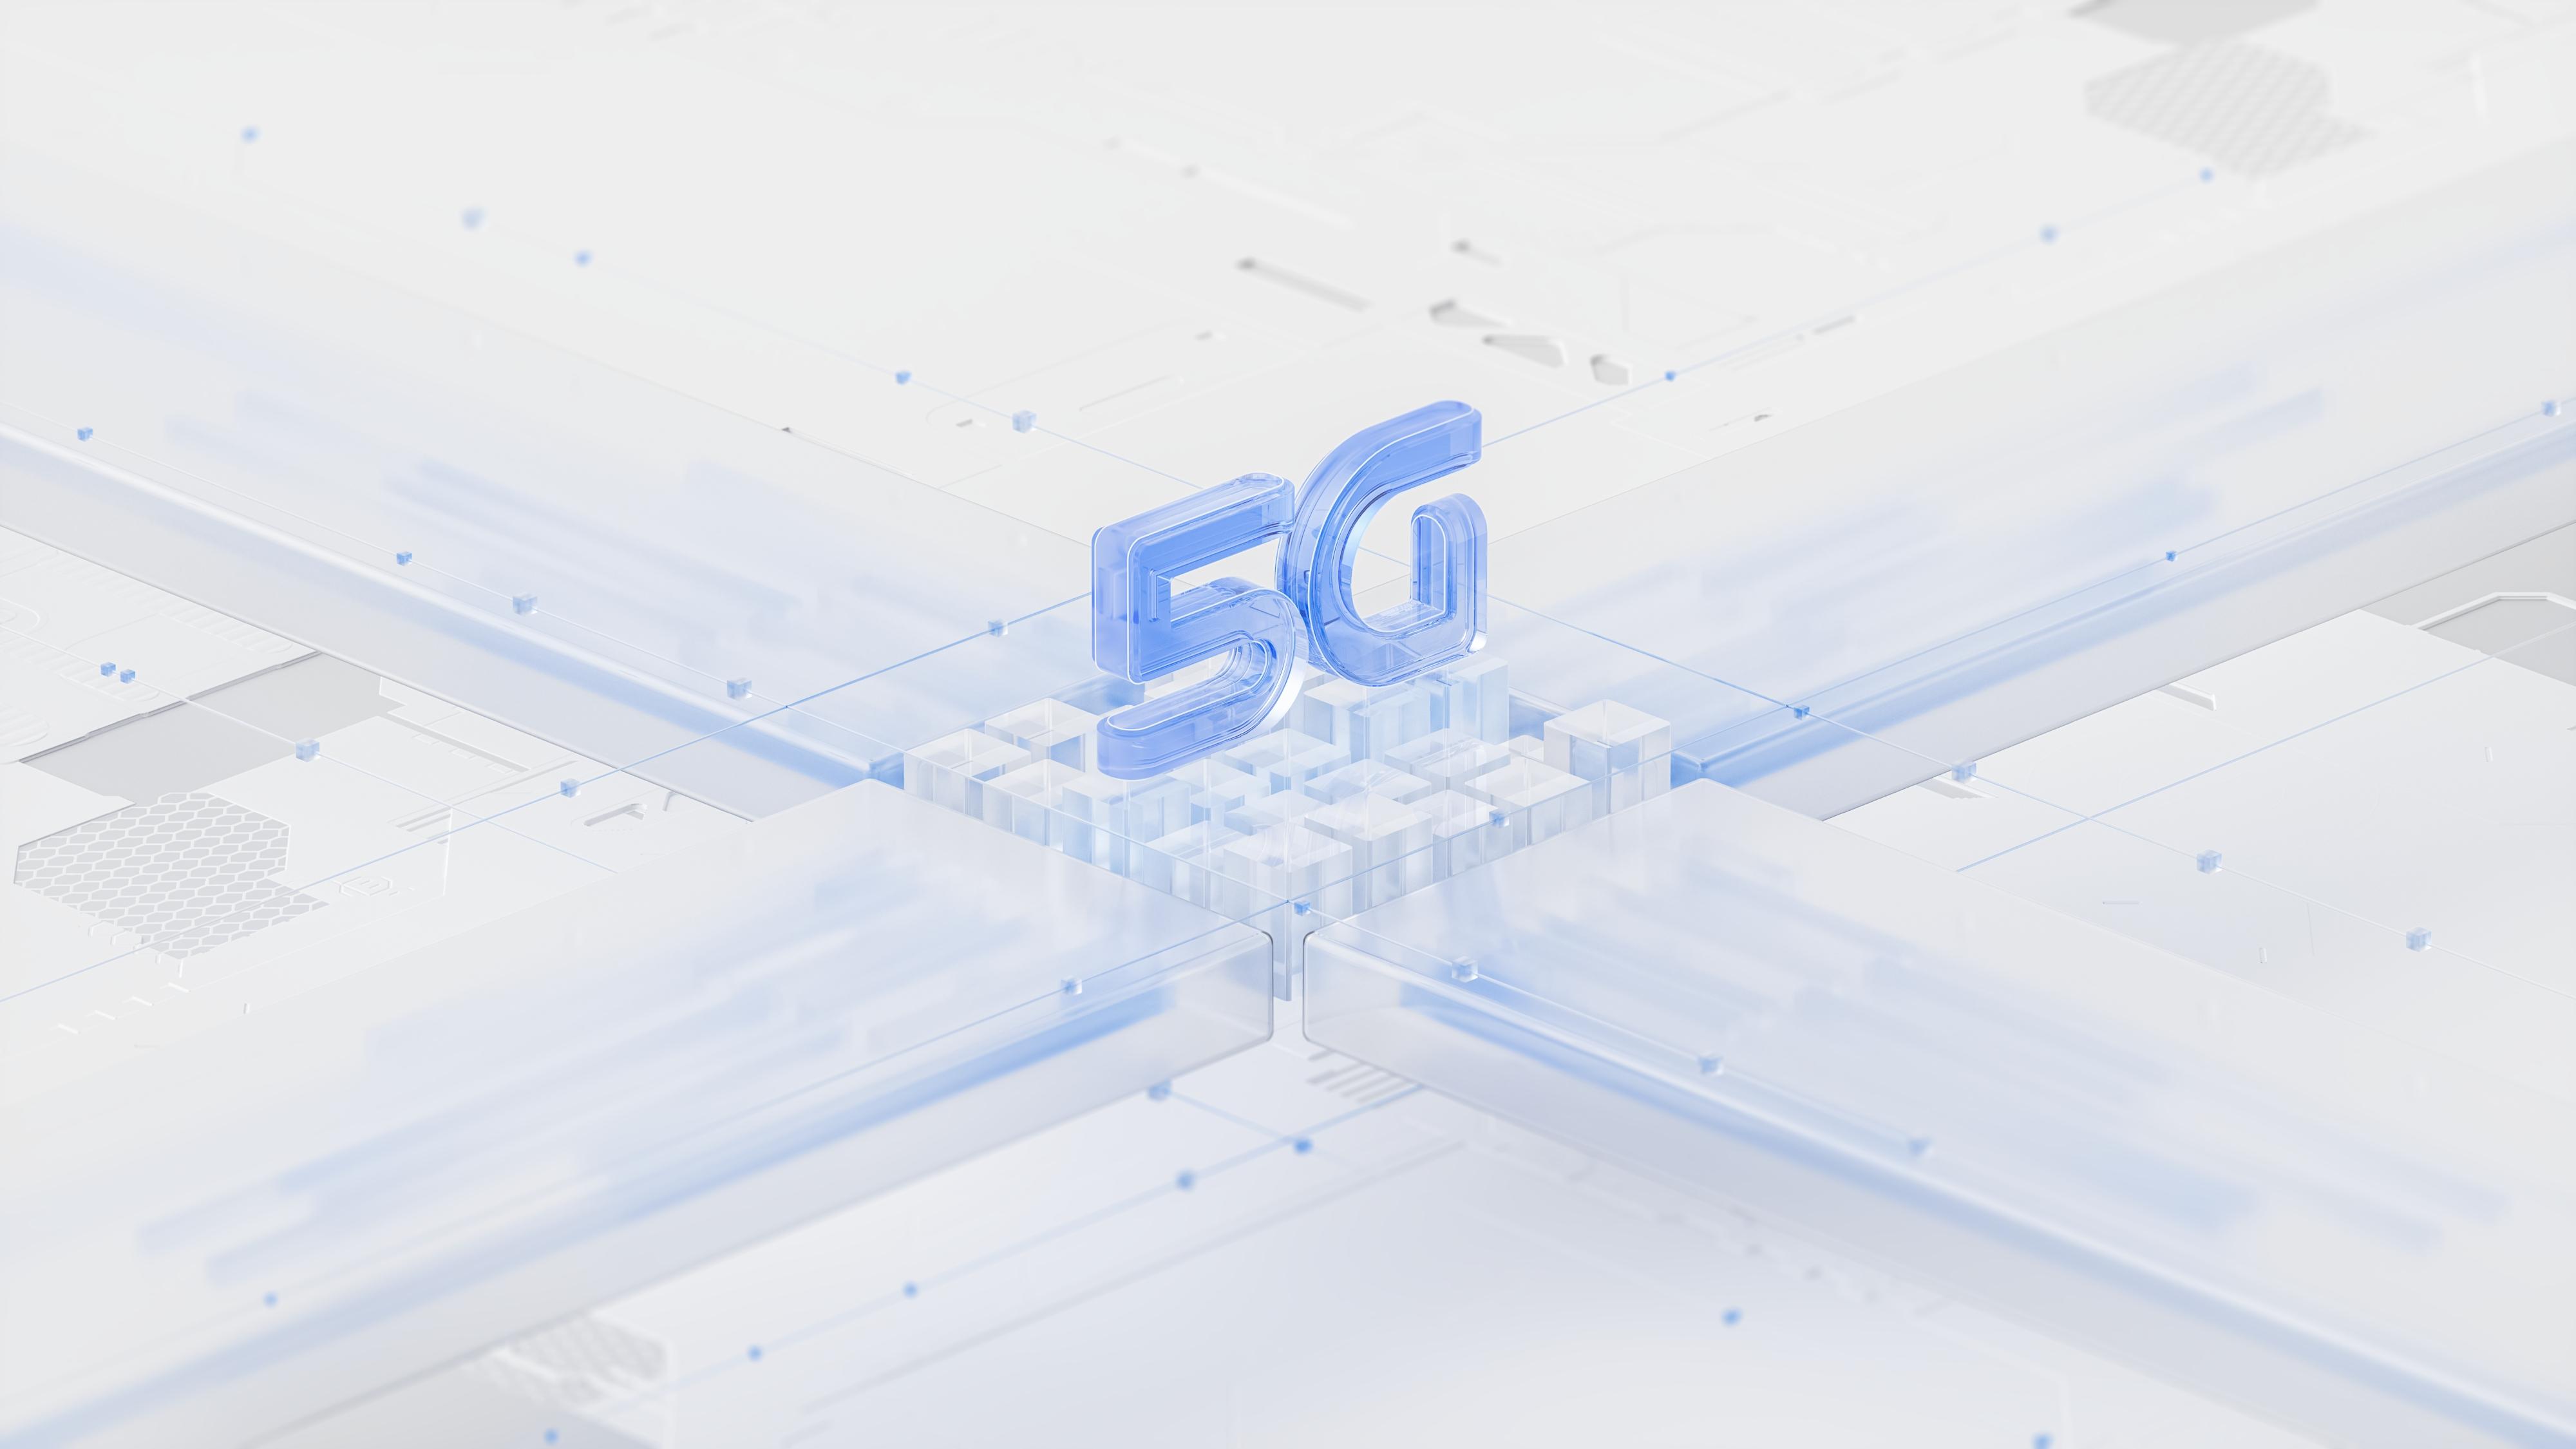 Aukcja 5G w Polsce jeszcze w tym roku? Jest światełko w tunelu